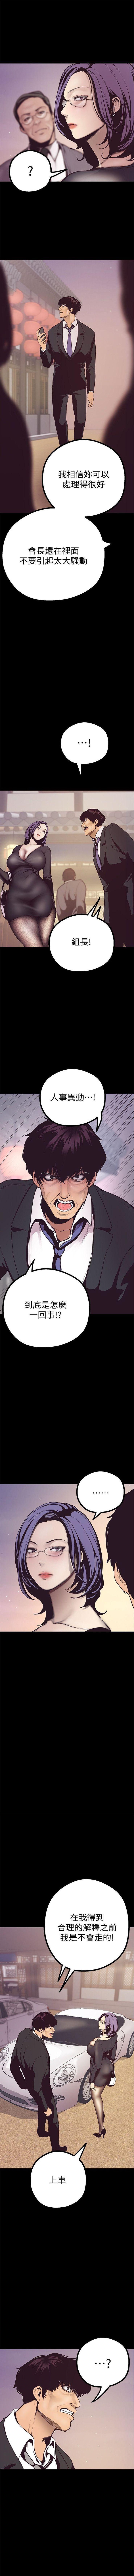 (周6)美丽新世界 1-61 中文翻译 (更新中) 54